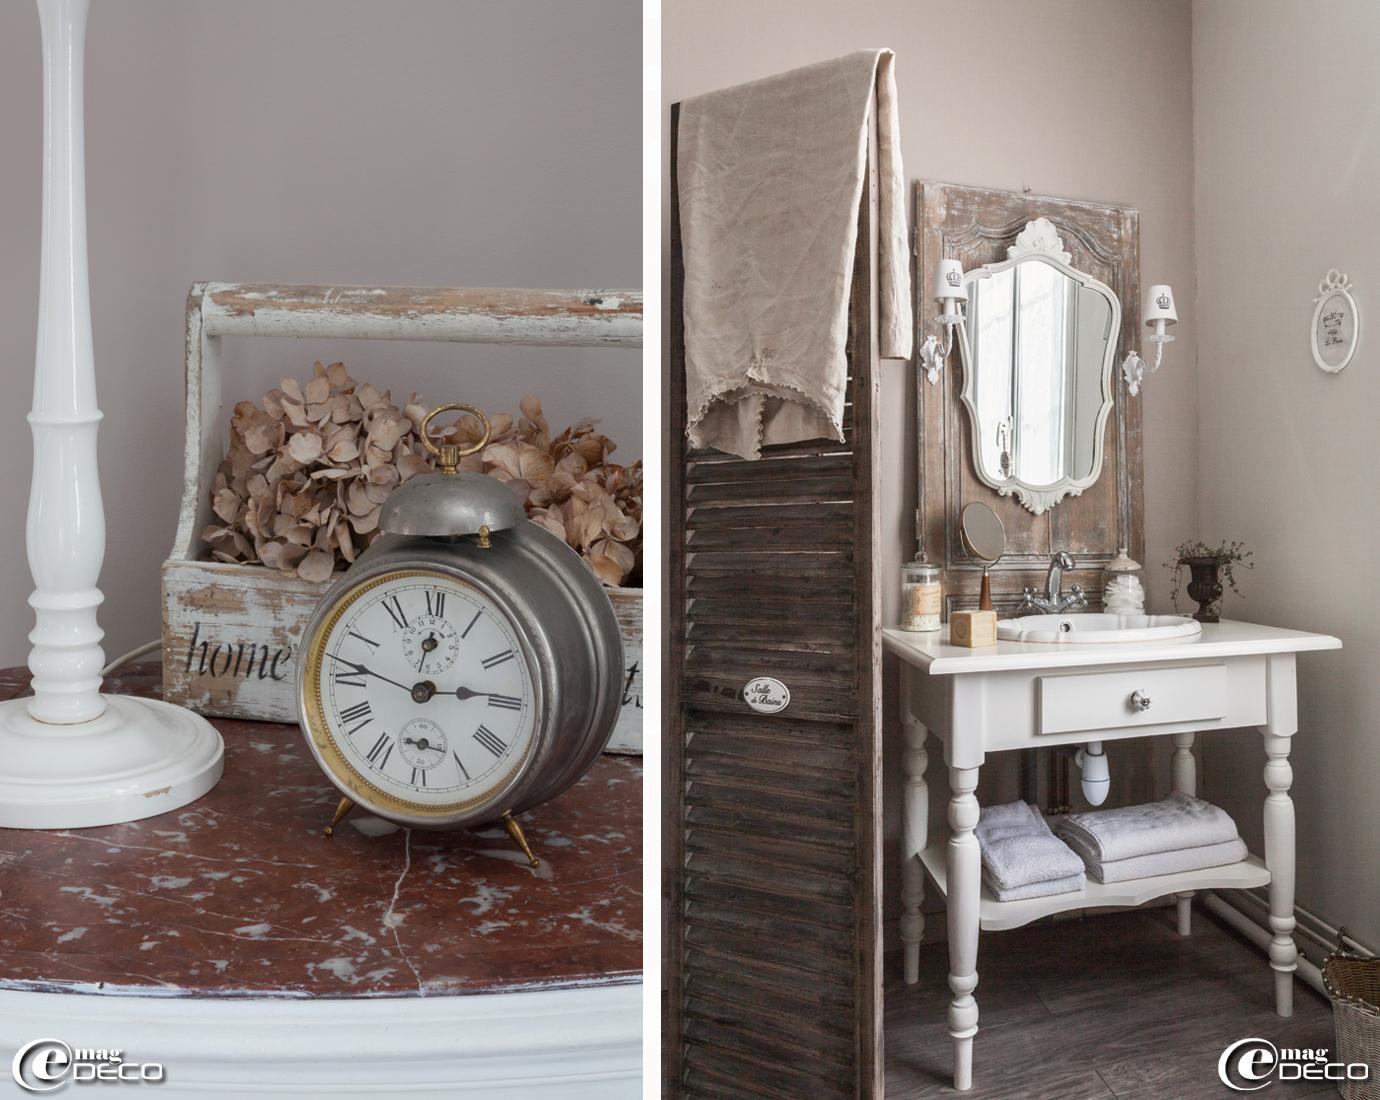 une maison de famille en picardie ~ e-magdeco : magazine de décoration - Decorer Sa Maison Virtuellement Gratuit